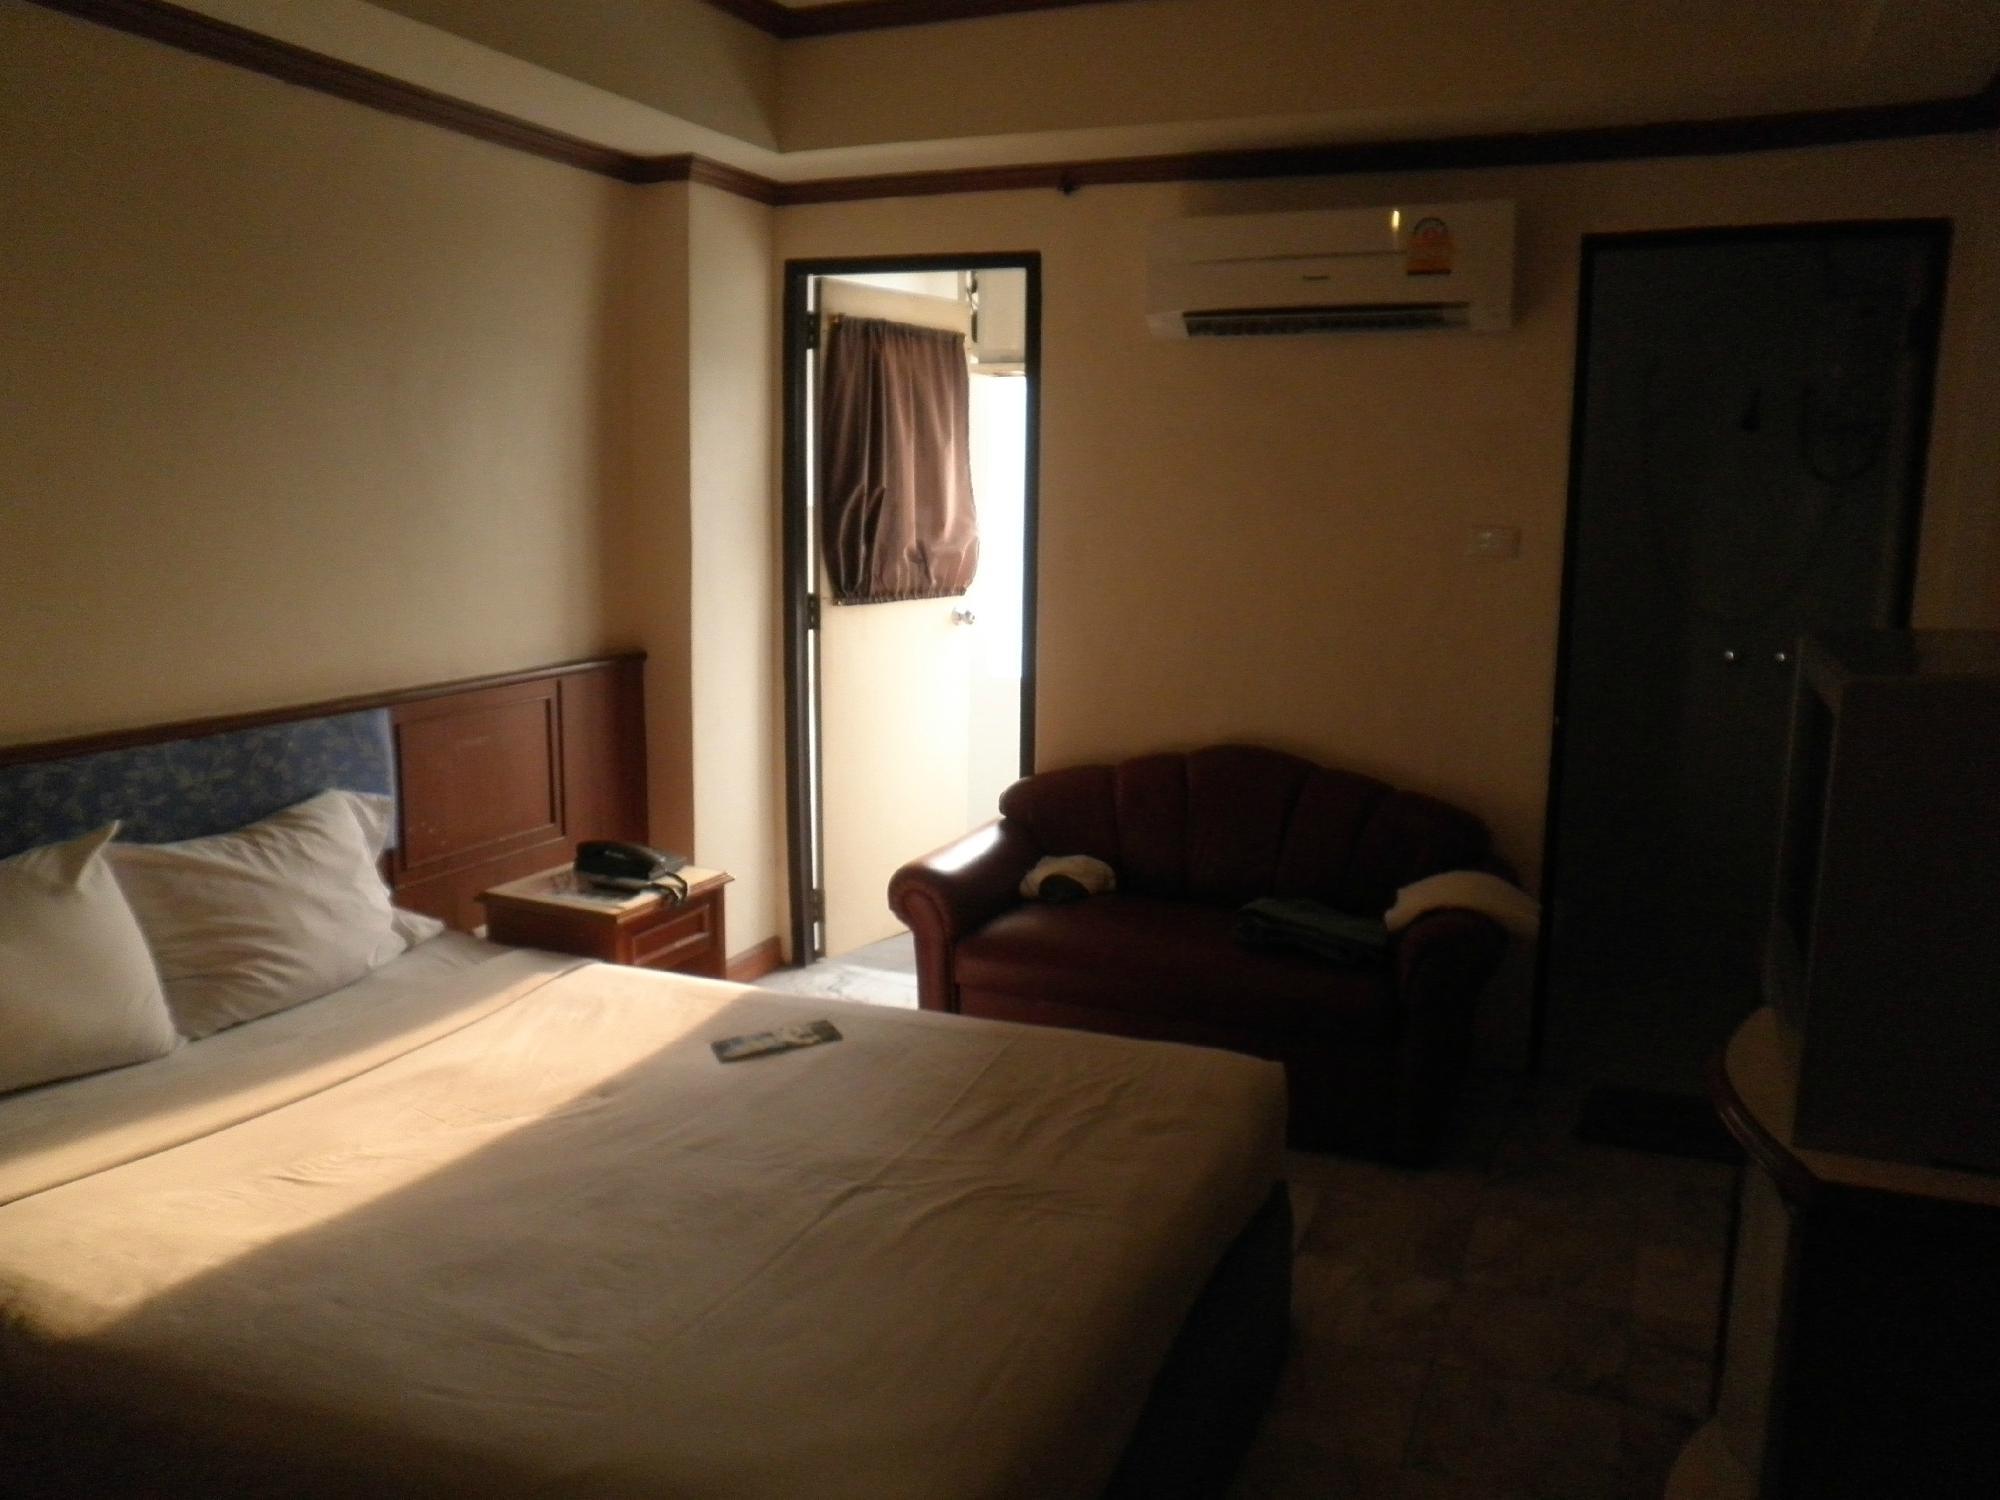 โรงแรมชัยพัท